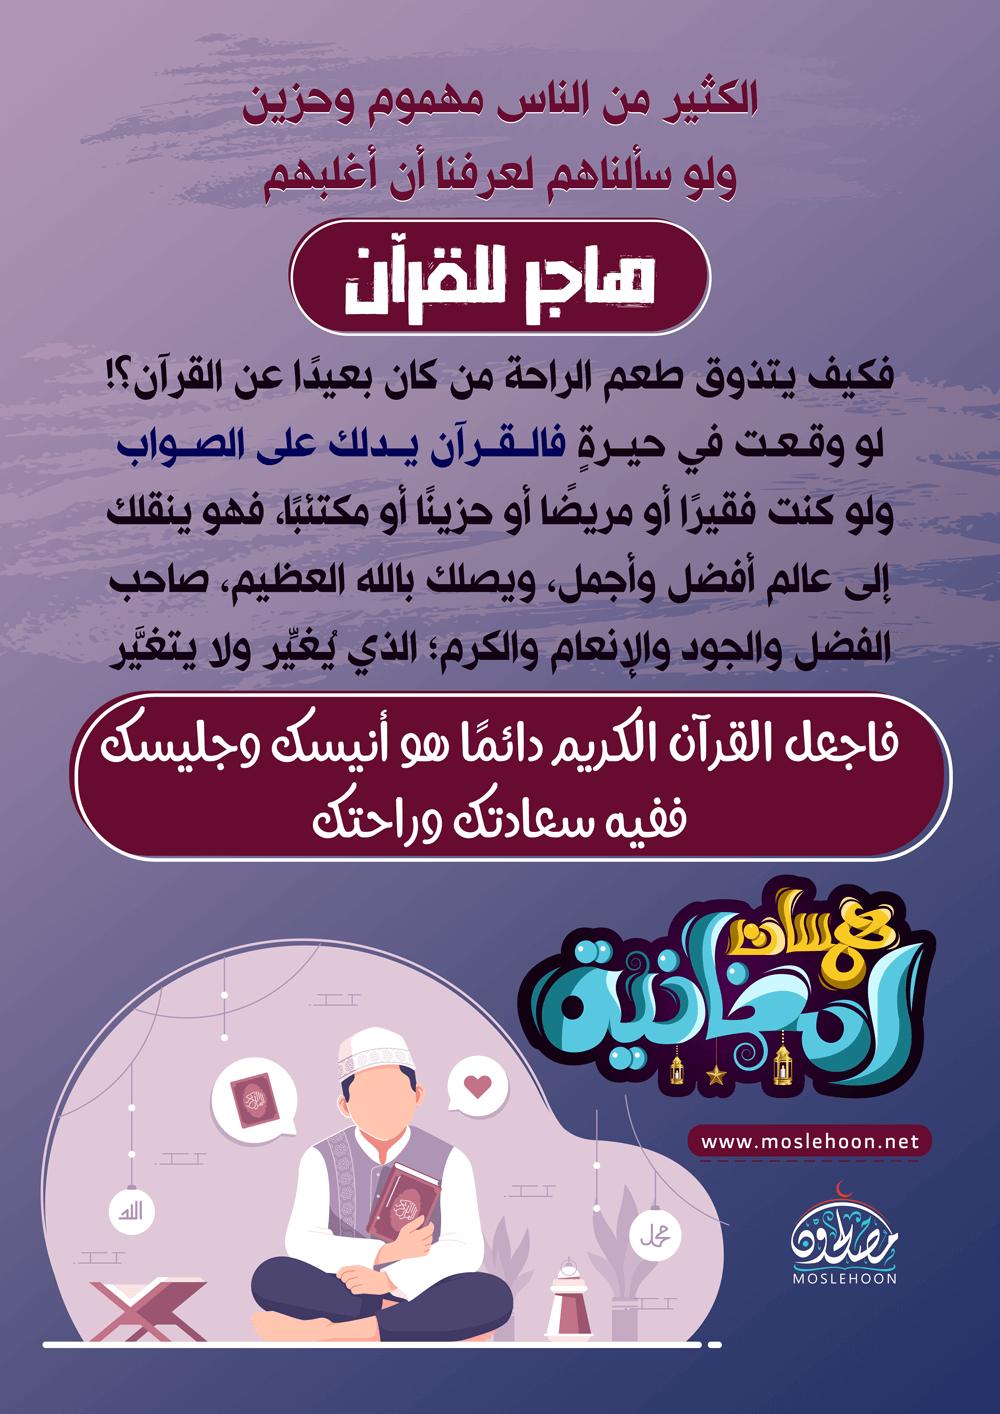 ابدأ المصالحة مع القرآن وذق طعم الراحة